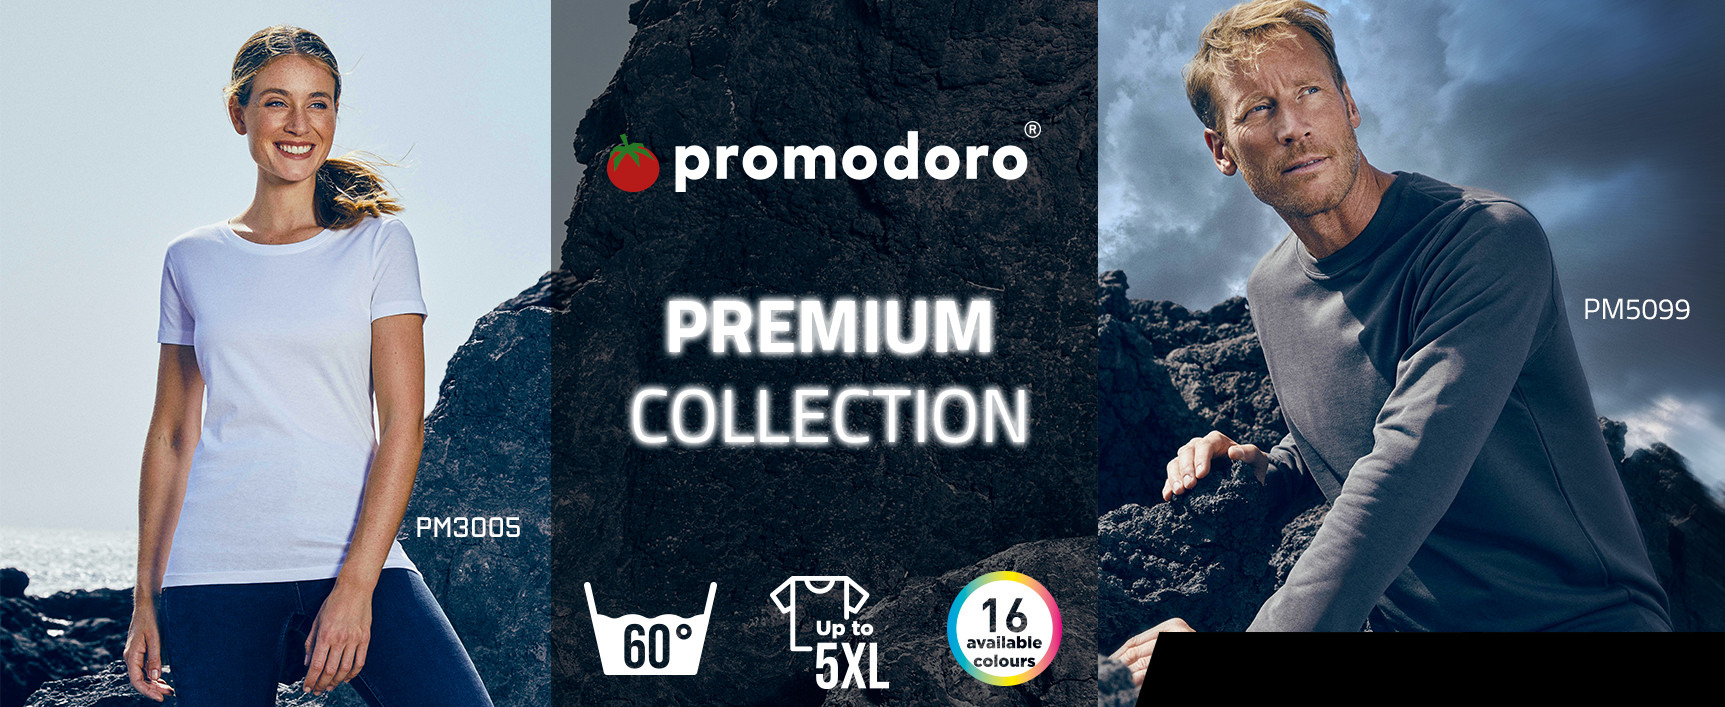 Promodoro Premium Collection